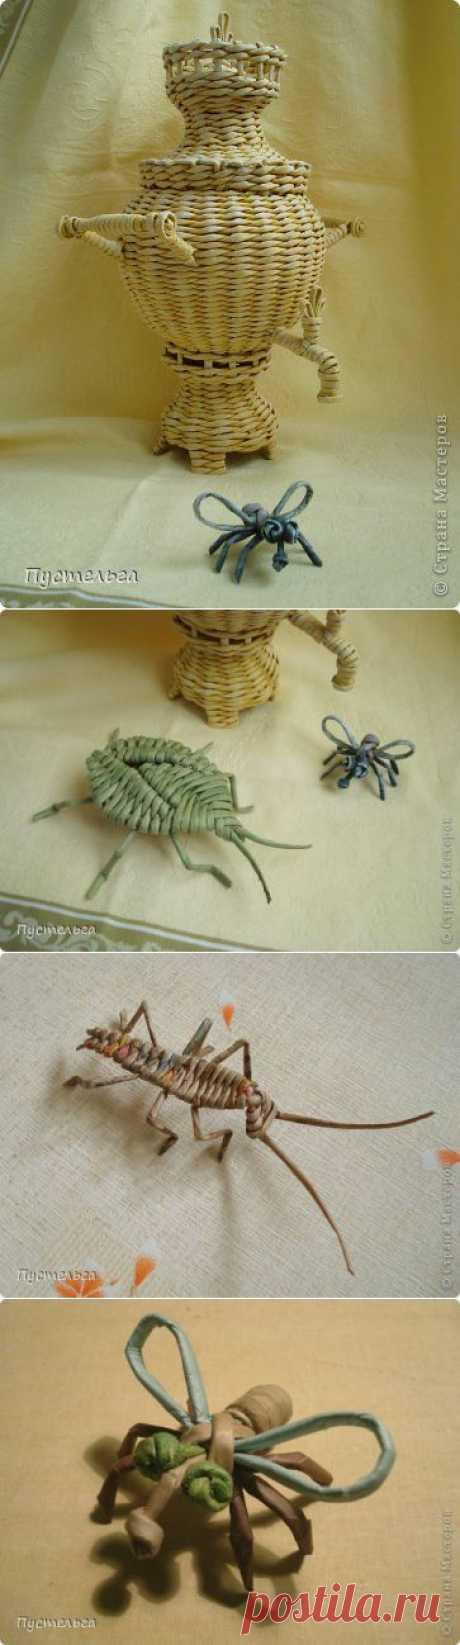 (+1) тема - Жучки-паучки из бумажных трубочек. Автор Пустельга | СДЕЛАЙ САМ!